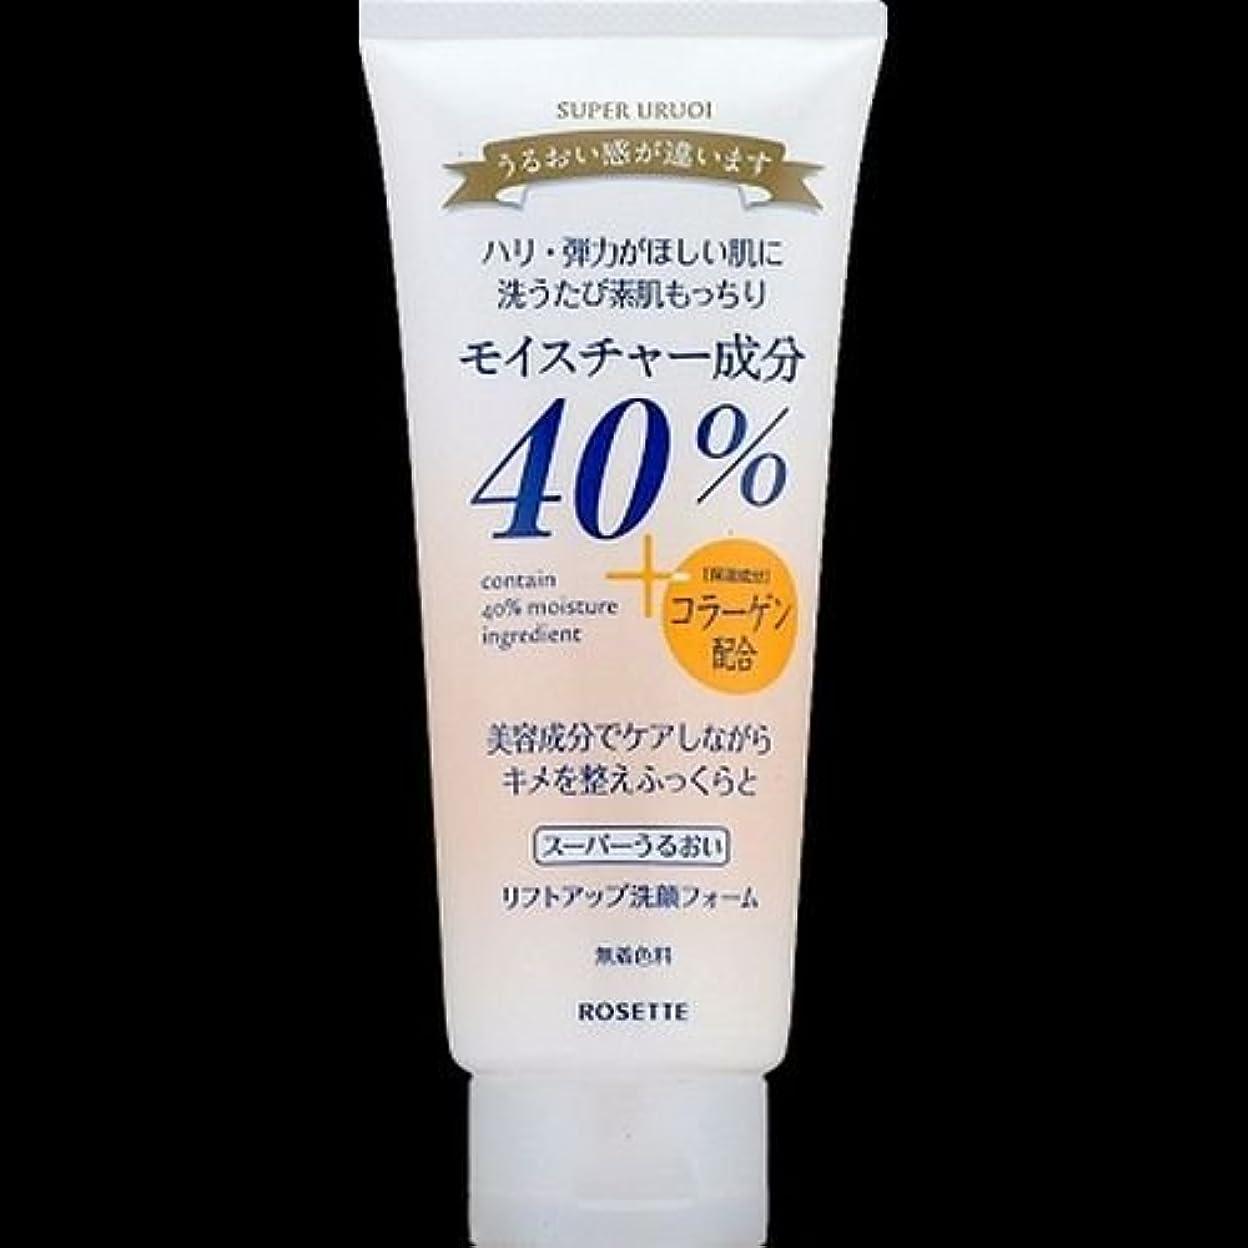 コピーホテル対称【まとめ買い】ロゼット 40%スーパーうるおいリフトアップ洗顔フォーム 168g ×2セット